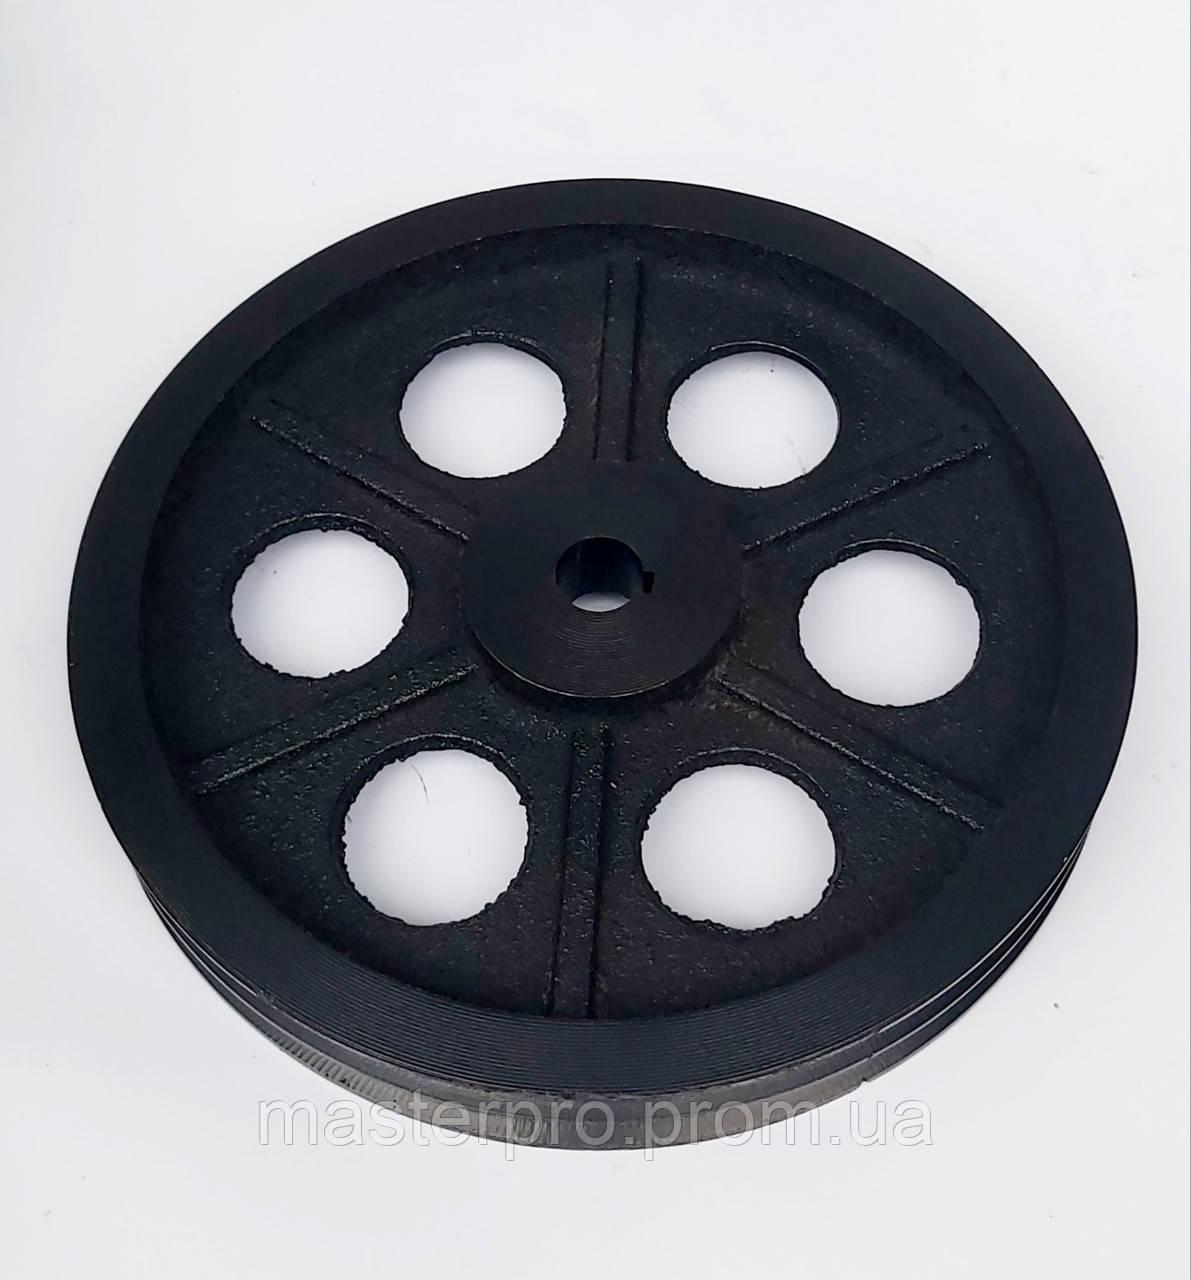 Шкив на вал 25 мм 300 мм 2 - ручья профиль Б